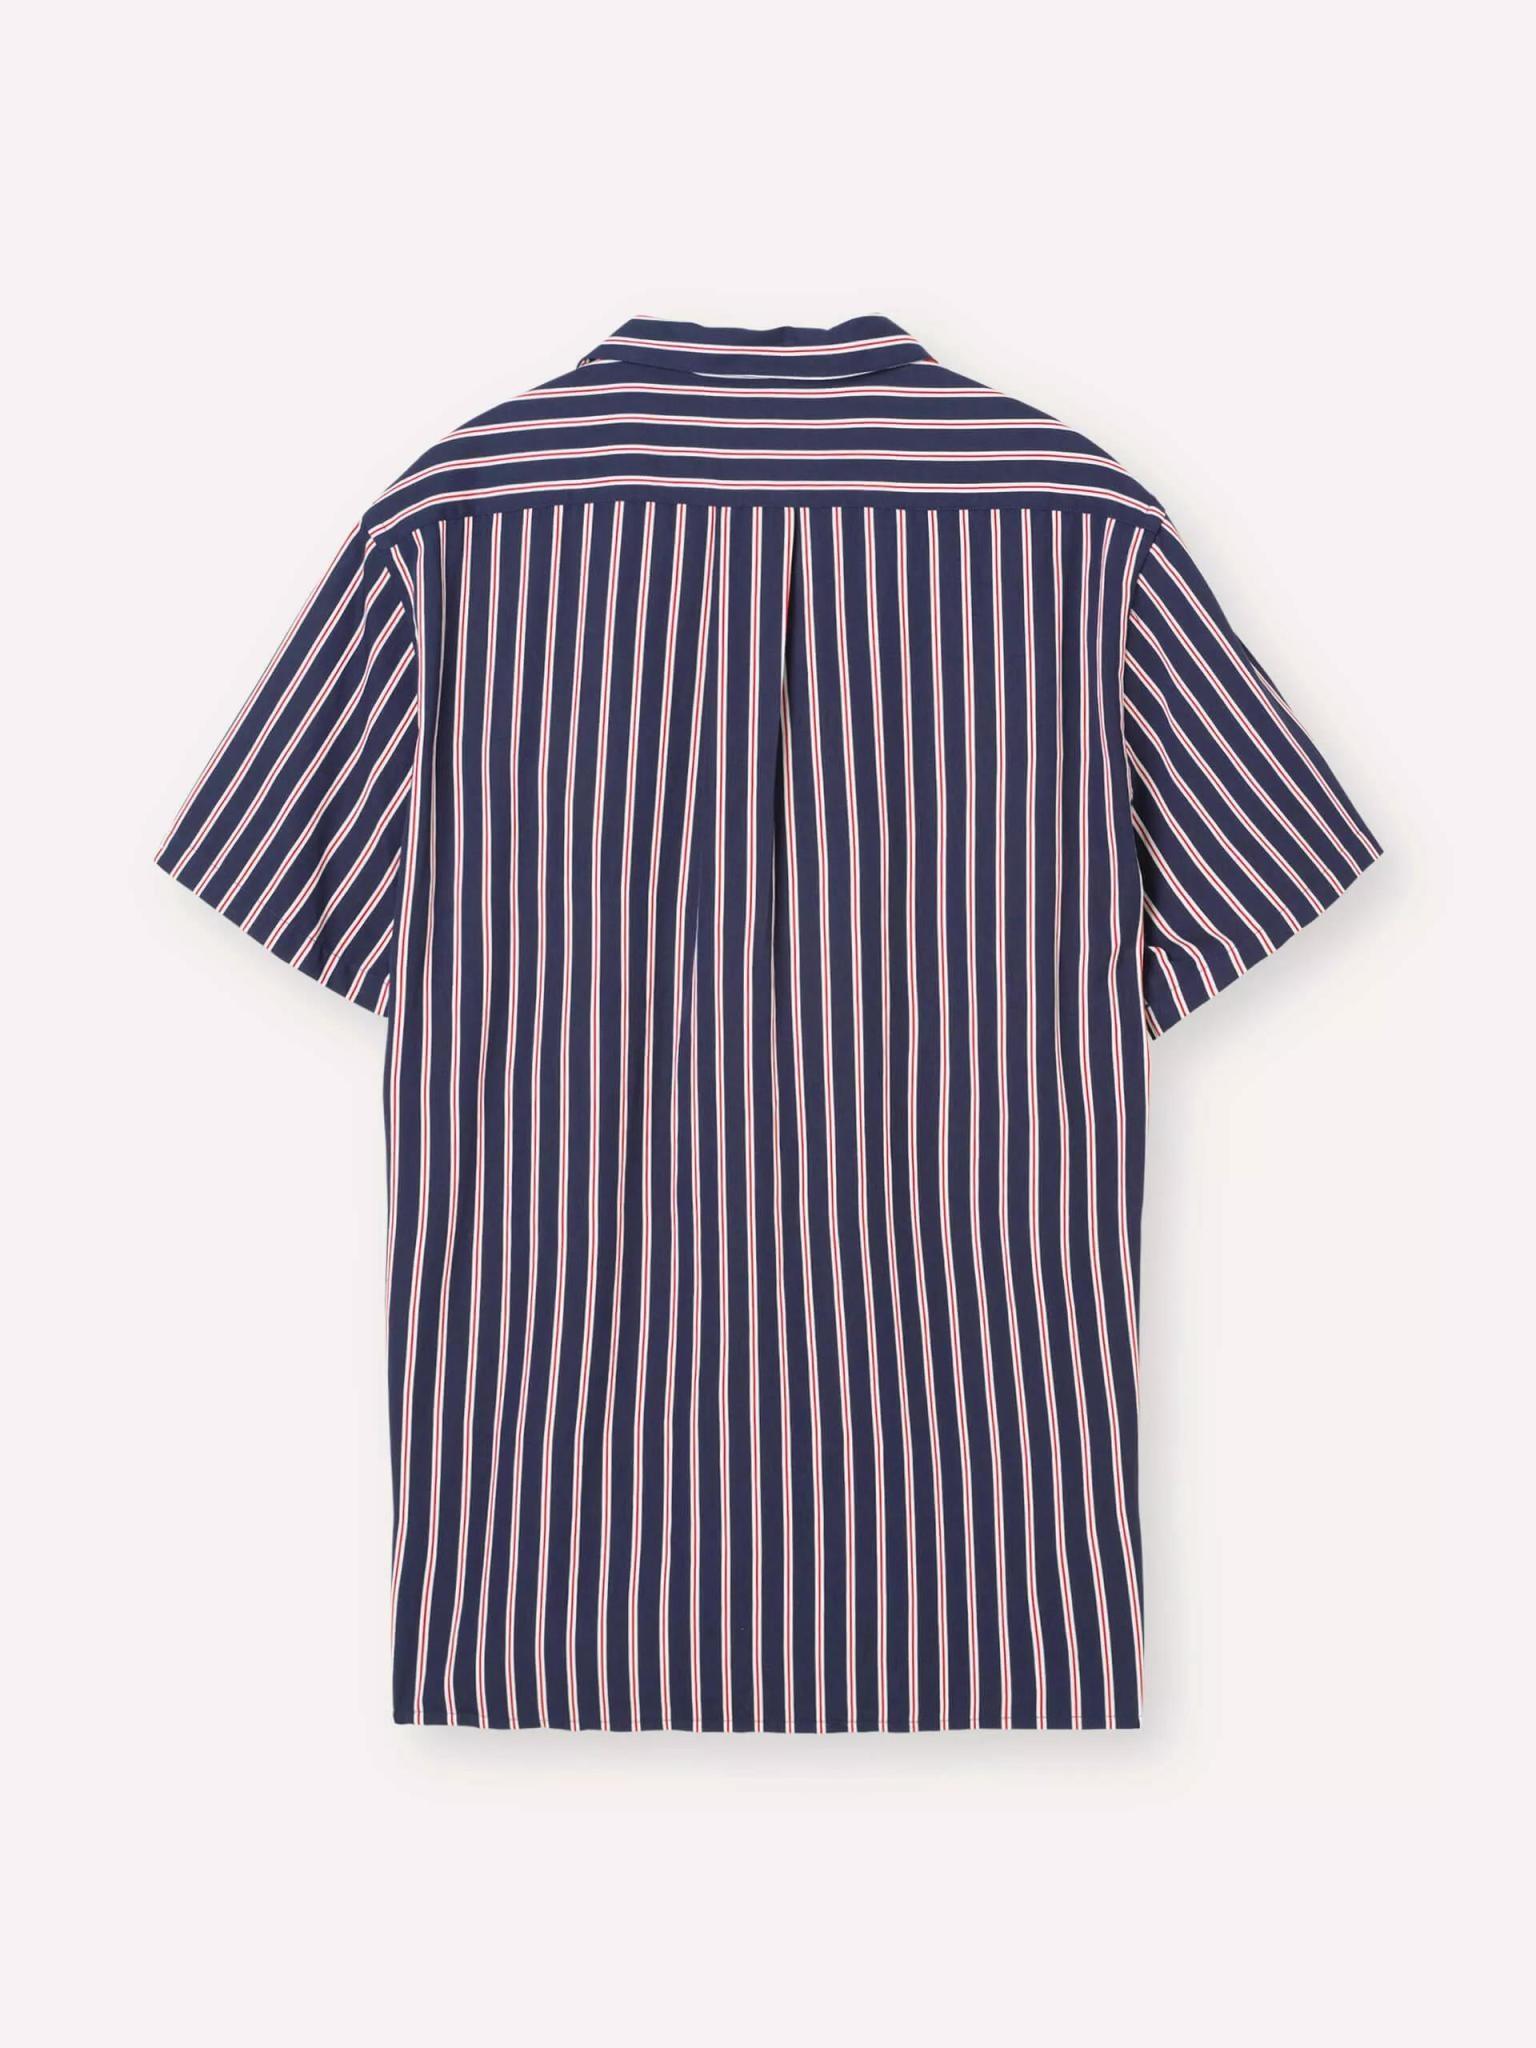 Cave overhemd met korte mouwen blauw rood gestreept-2